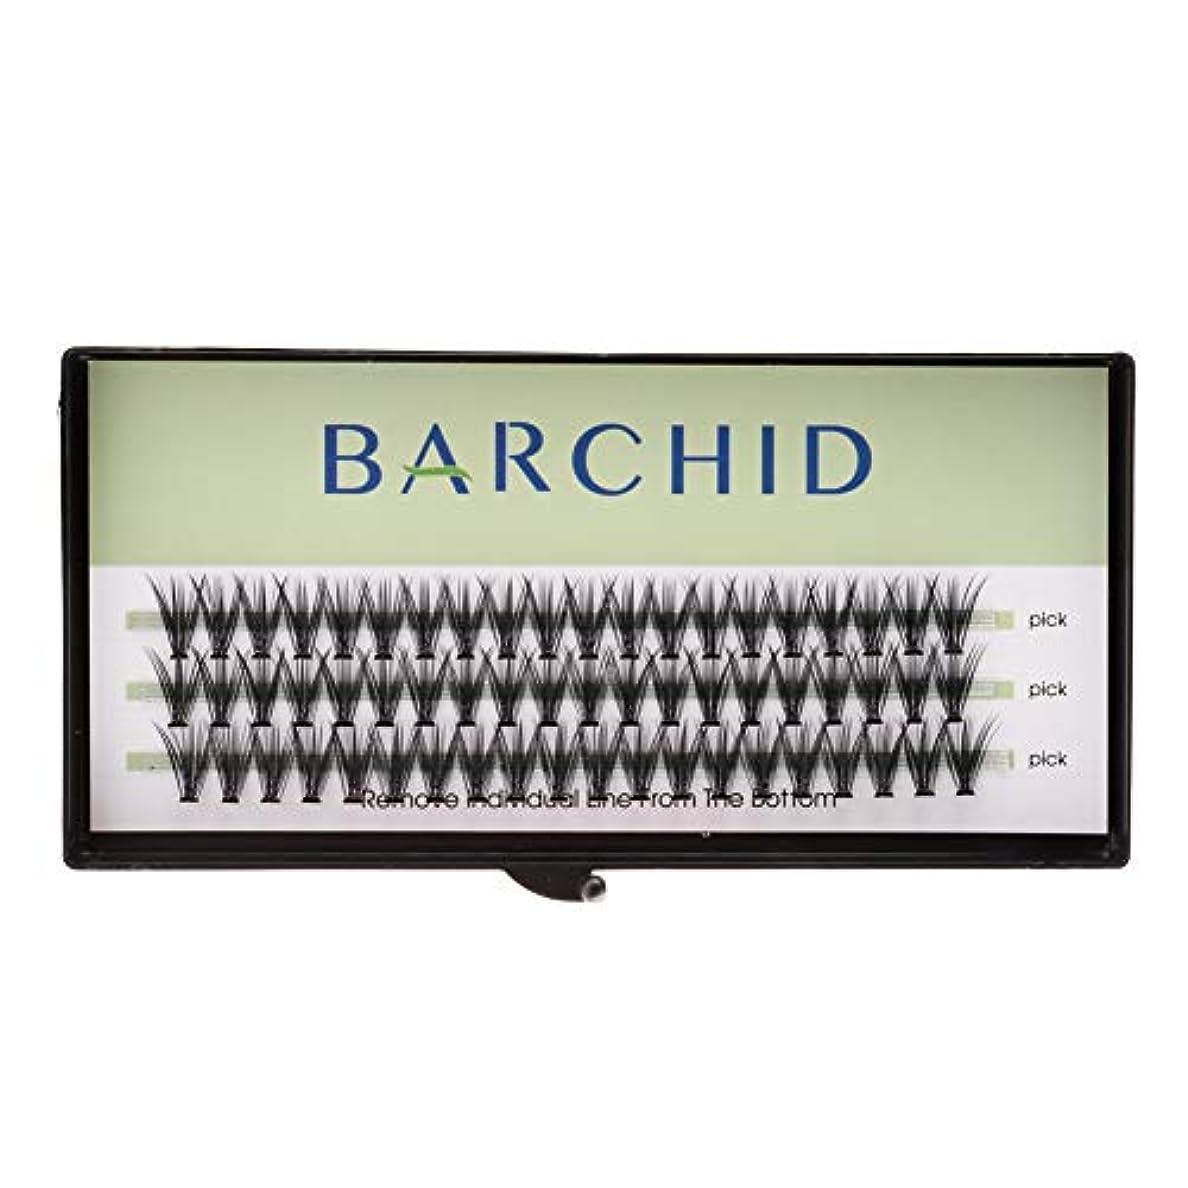 荒野宿泊施設理由BARCHID 高品質超極細まつげエクステ太さ0.07mm 20本束10mm Cカール フレア セルフ用 素材 マツエク